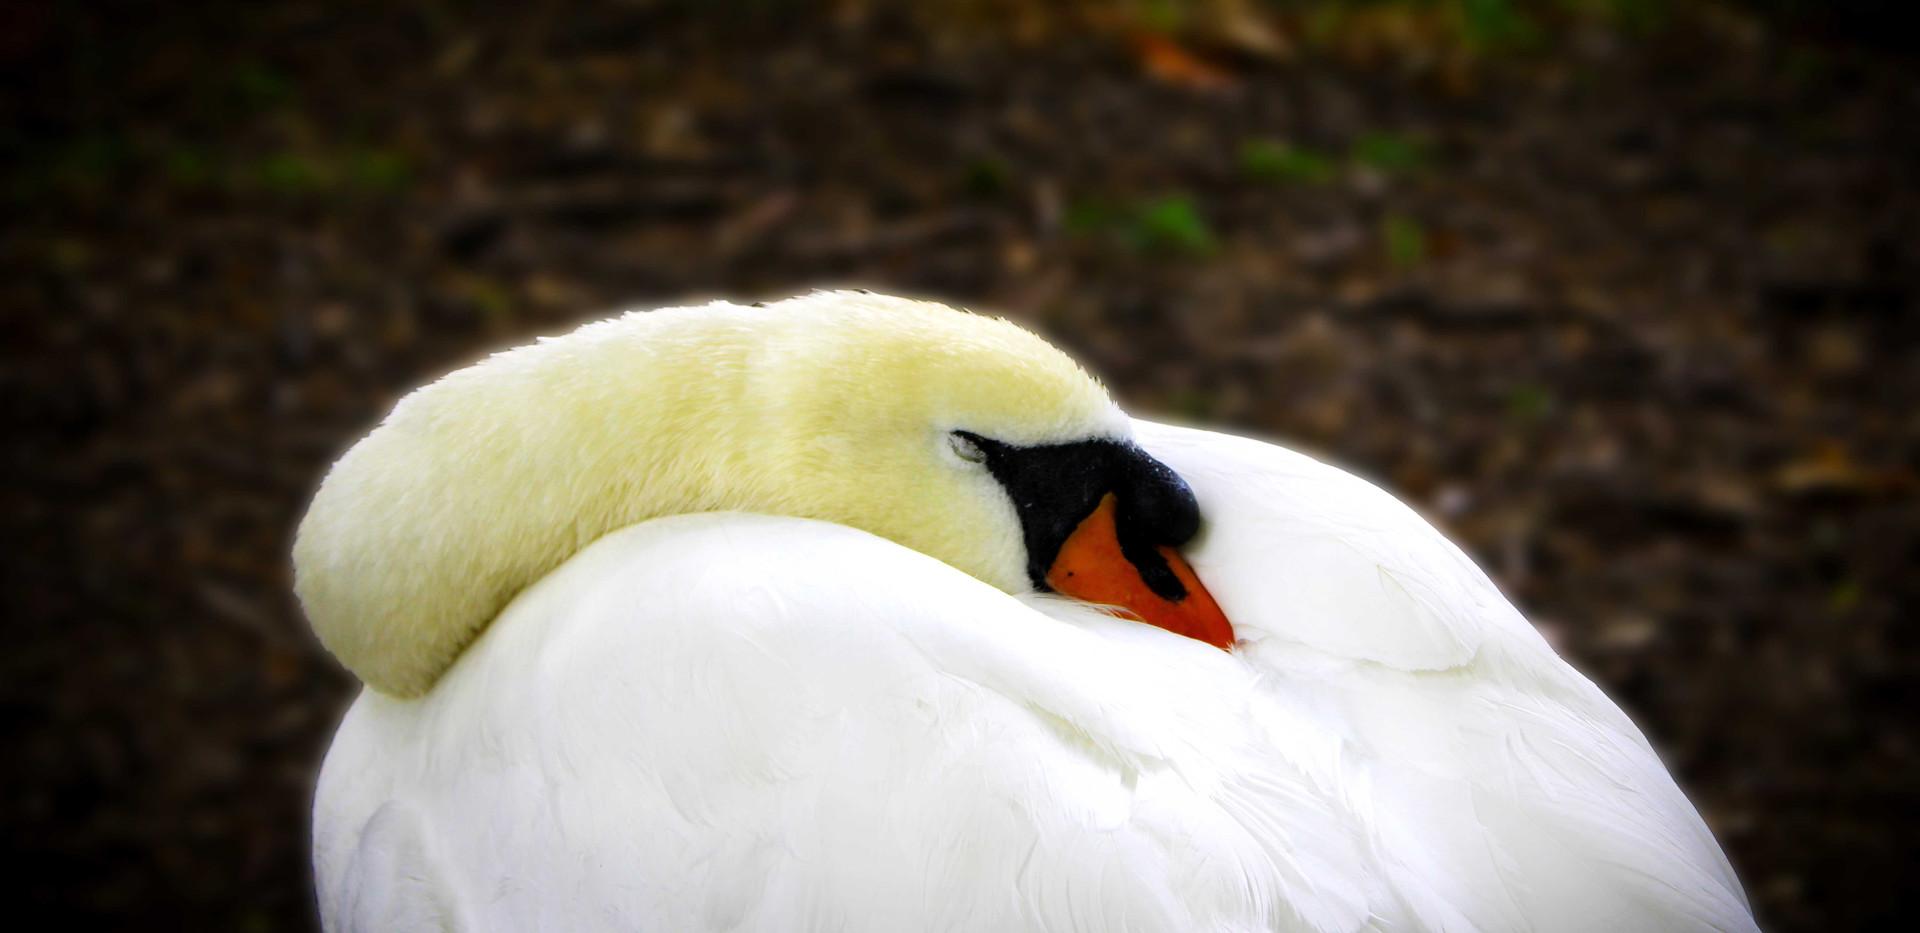 Sleeping Beauty Swan in Green Park